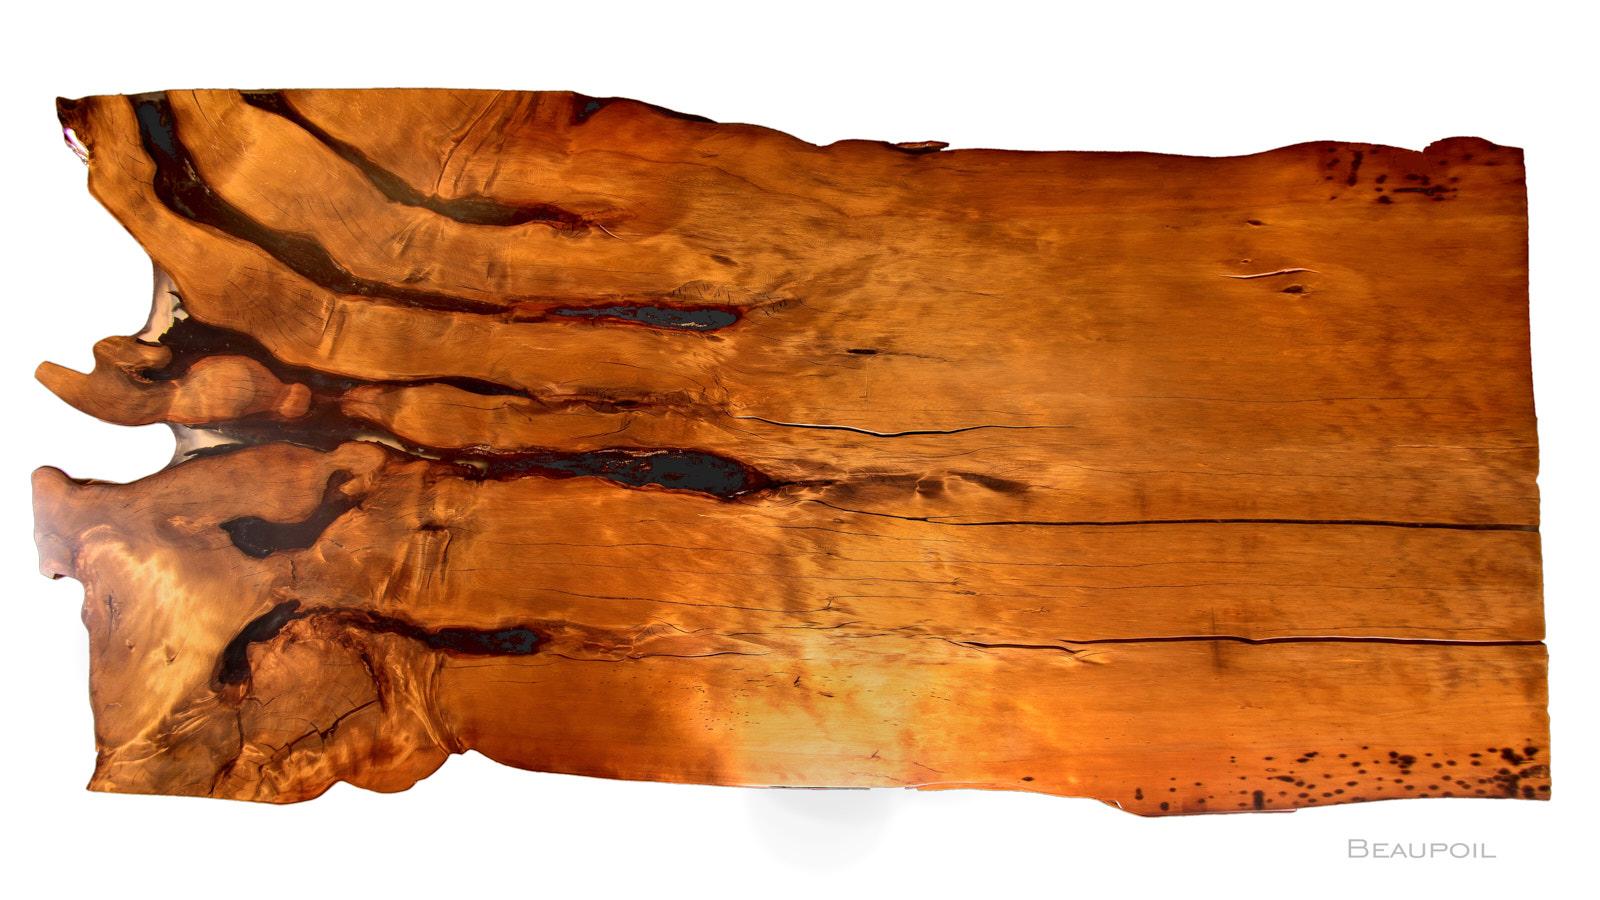 Unverleimter Baumtisch mit Wurzel Stamm Tischplatte, großer Naturholztisch und riesiger Luxus Konferenztisch mit Naturkanten